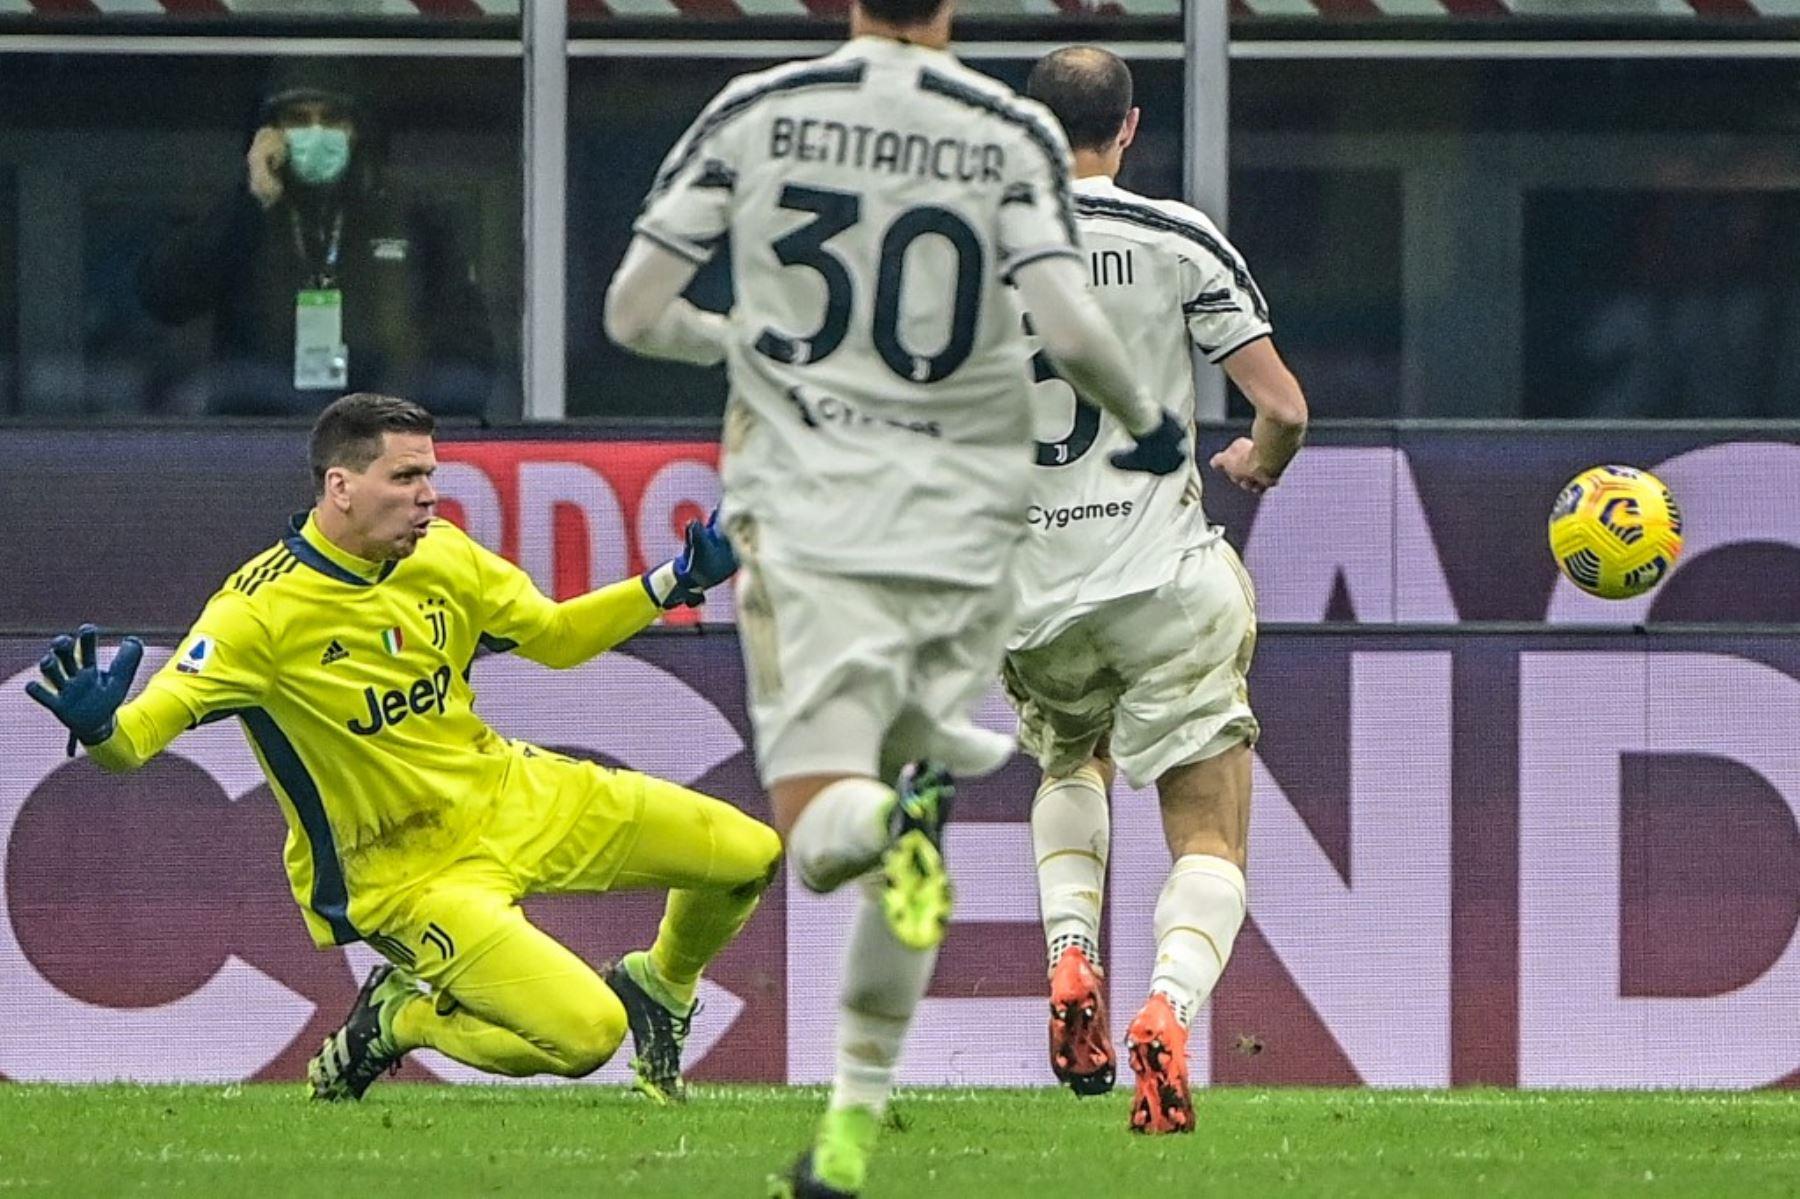 El portero de la Juventus sale a interceptar un balón en una jugada de ataque. Foto: AFP